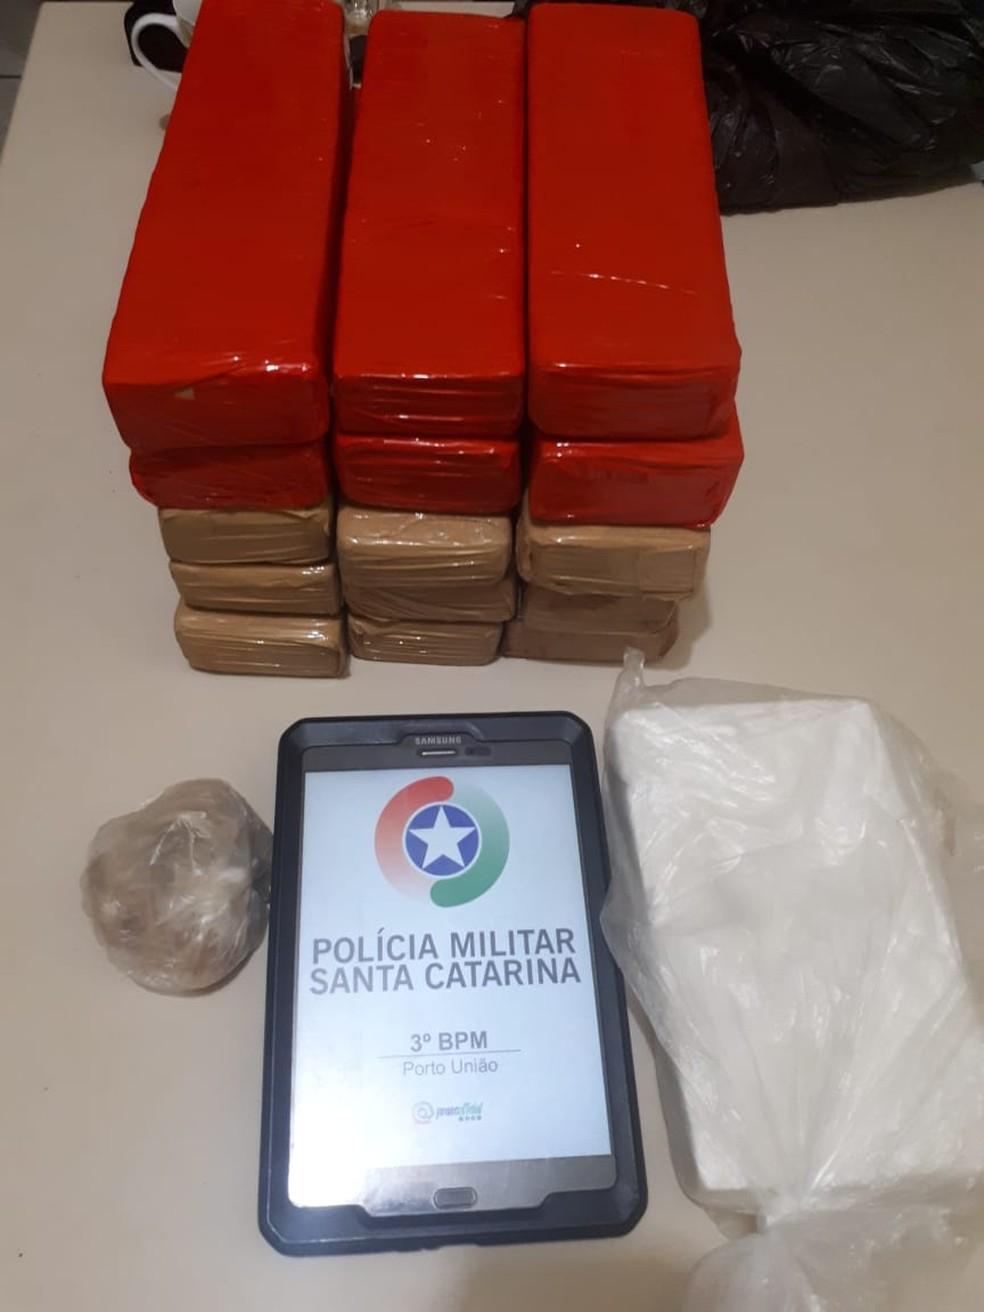 Maconha, cocaína e crack são encontrados em segunda abordagem nas primeiras horas desta quinta-feira (27) — Foto: Polícia Militar/Divulgação